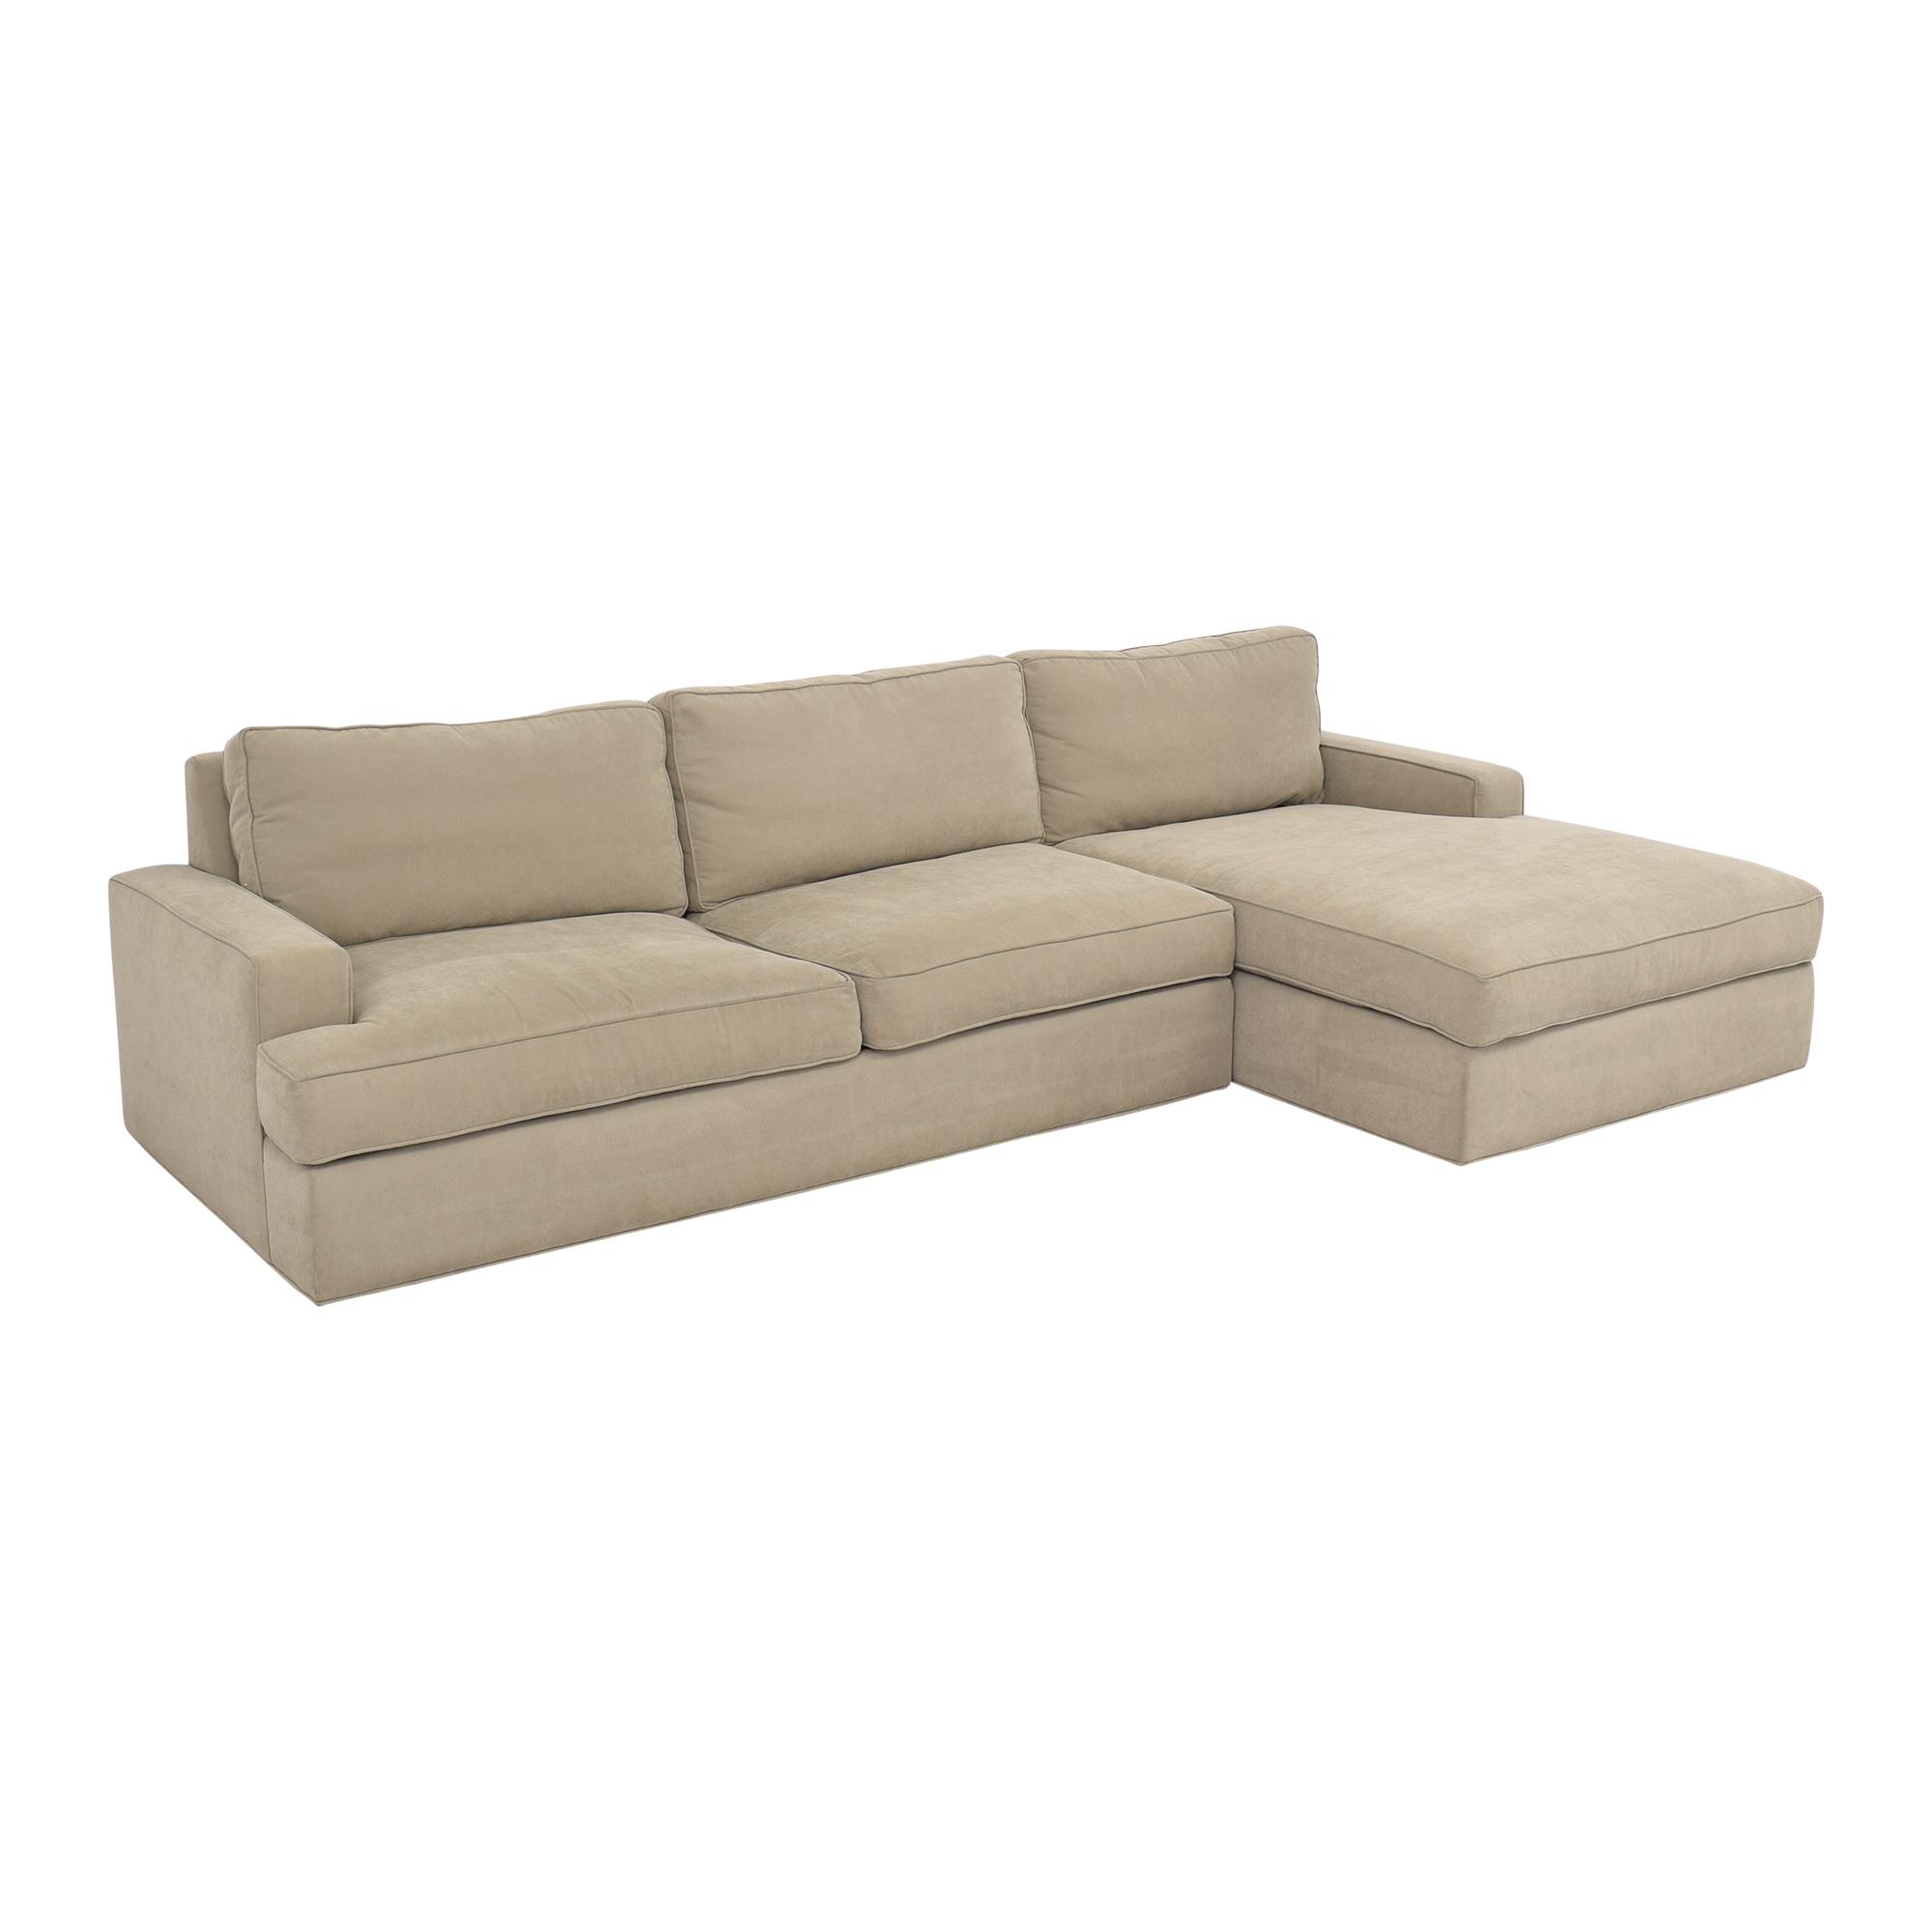 Room & Board Room & Board York Sectional Sofa ma